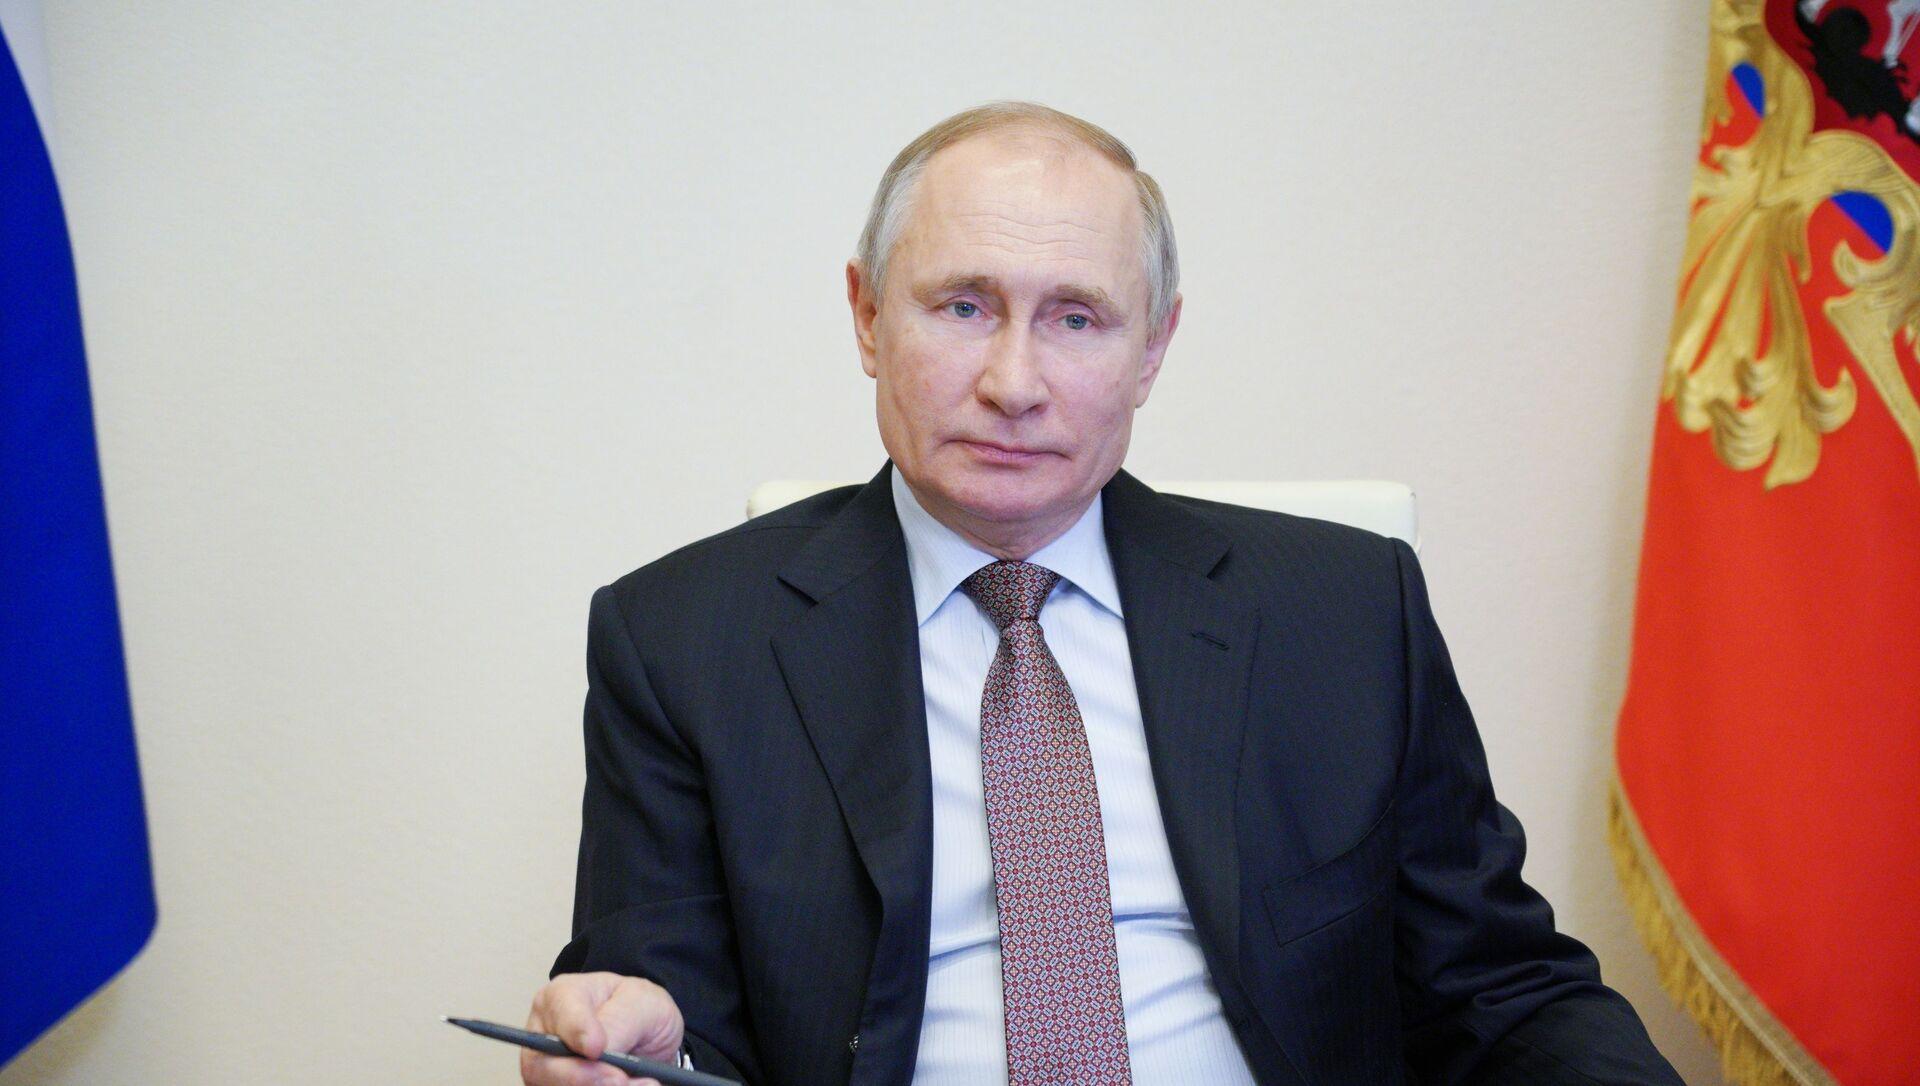 Putin, devlet başkanının iki dönem daha adaylığını koymasına yönelik yasayı imzaladı - Sputnik Türkiye, 1920, 05.04.2021